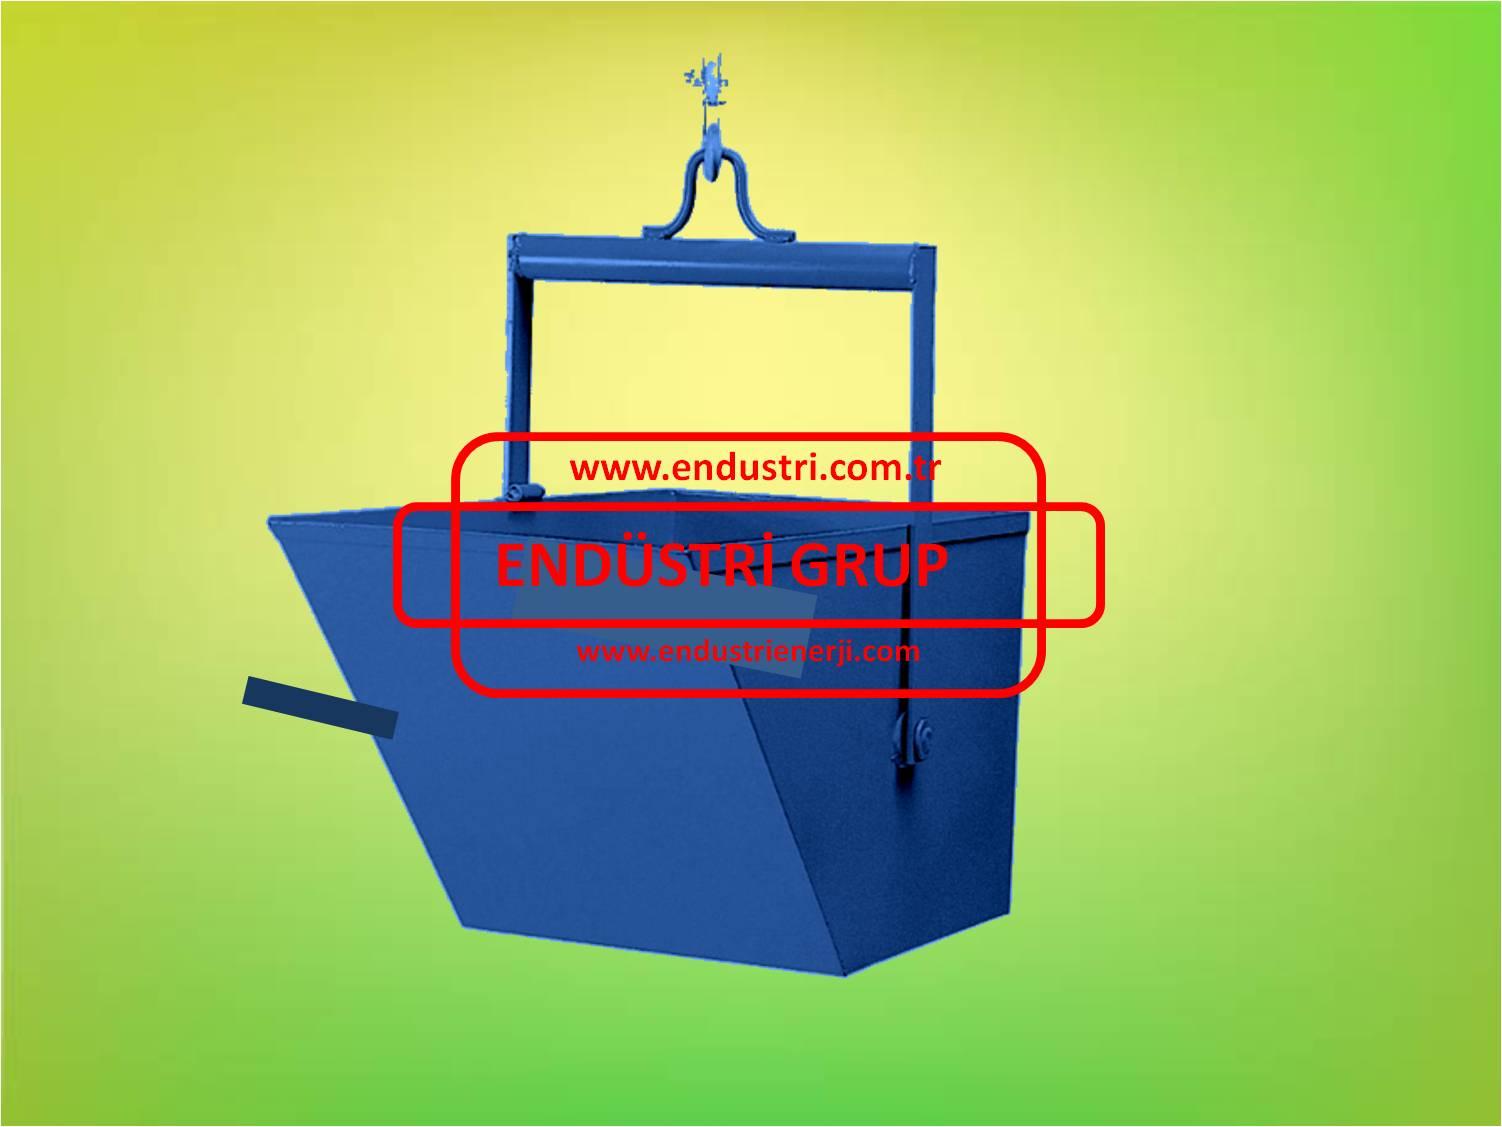 kule-vinc-forklift-devirmeli-insaat-hafriyat-moloz-micir-kum-beton-atik-cop-malzeme-tasima-dokme-kovasi-konteyneri-teknesi-2